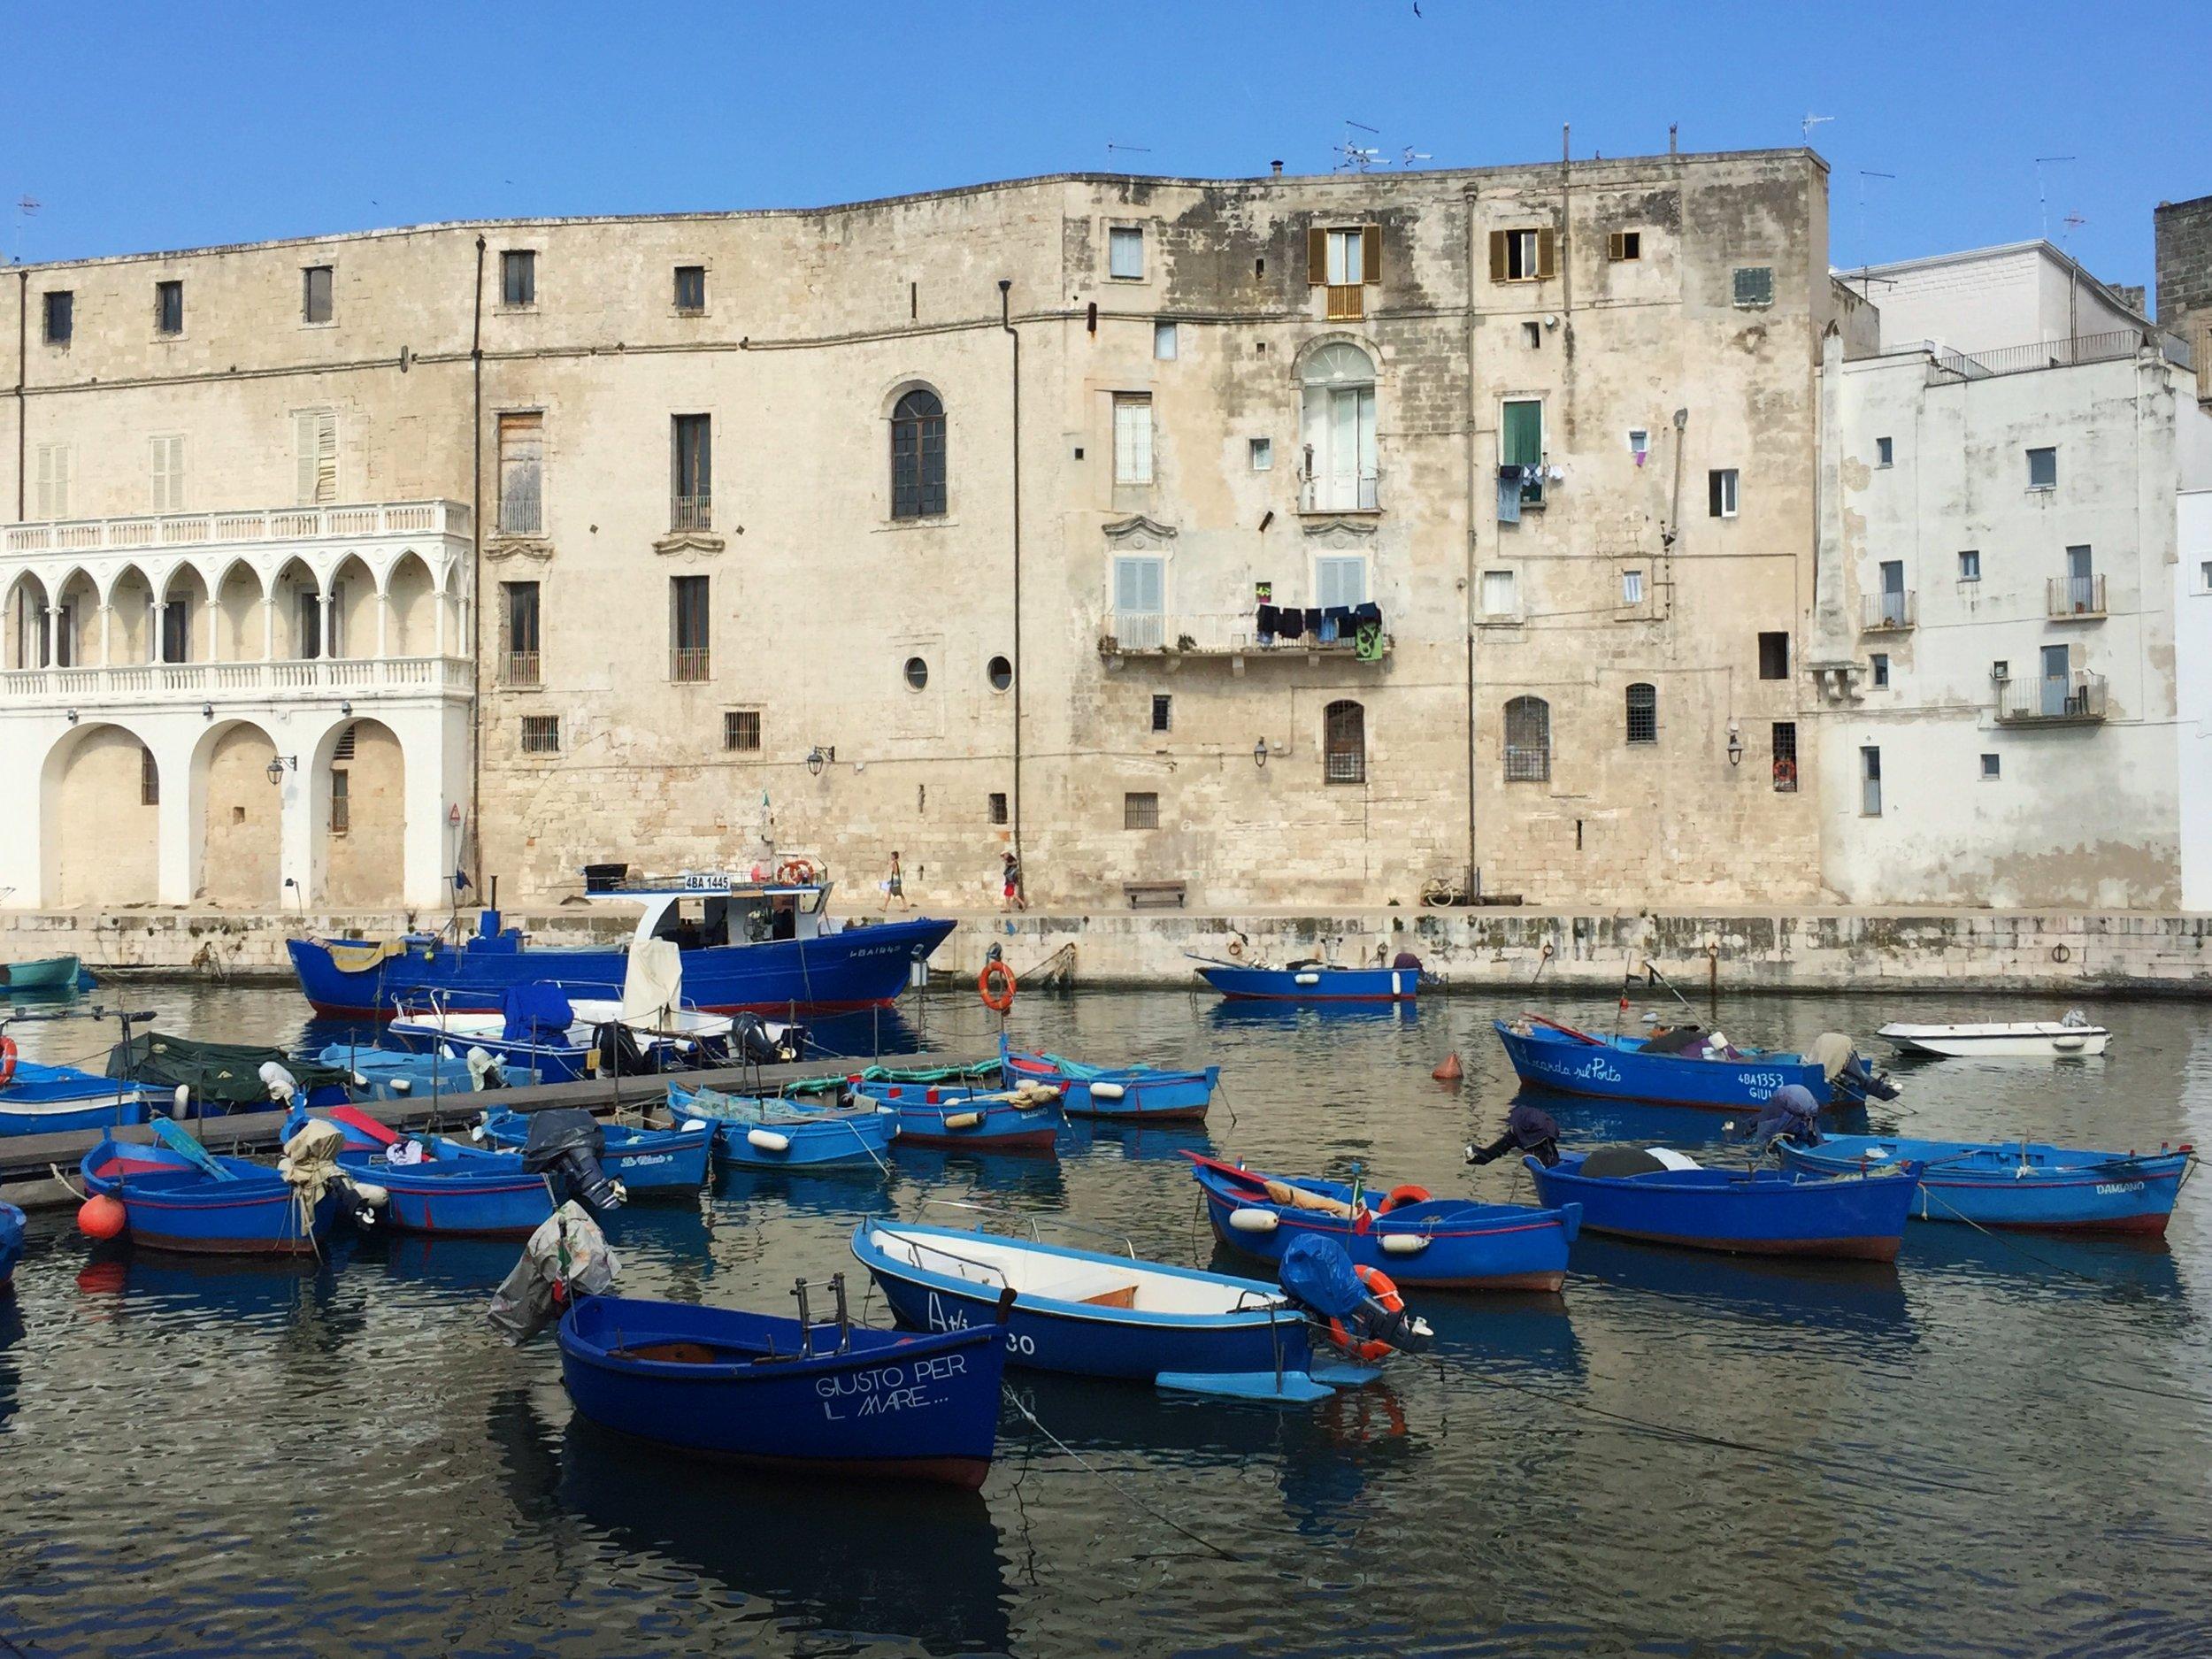 Fishing port in Monopoli